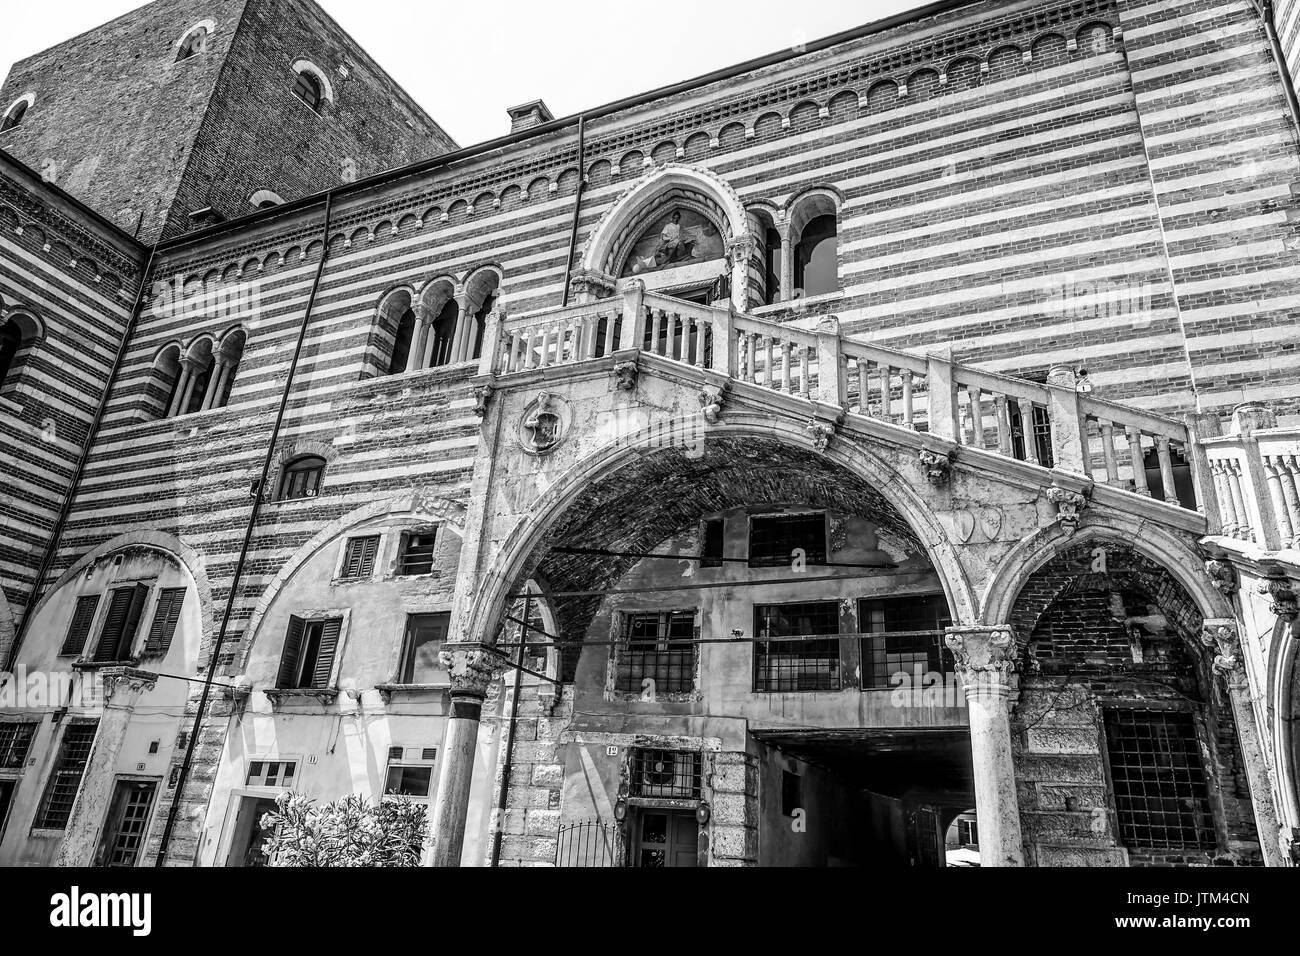 Verona sightseeing - Palazzo del Mercato Vecchio in Verona Italy - Stock Image